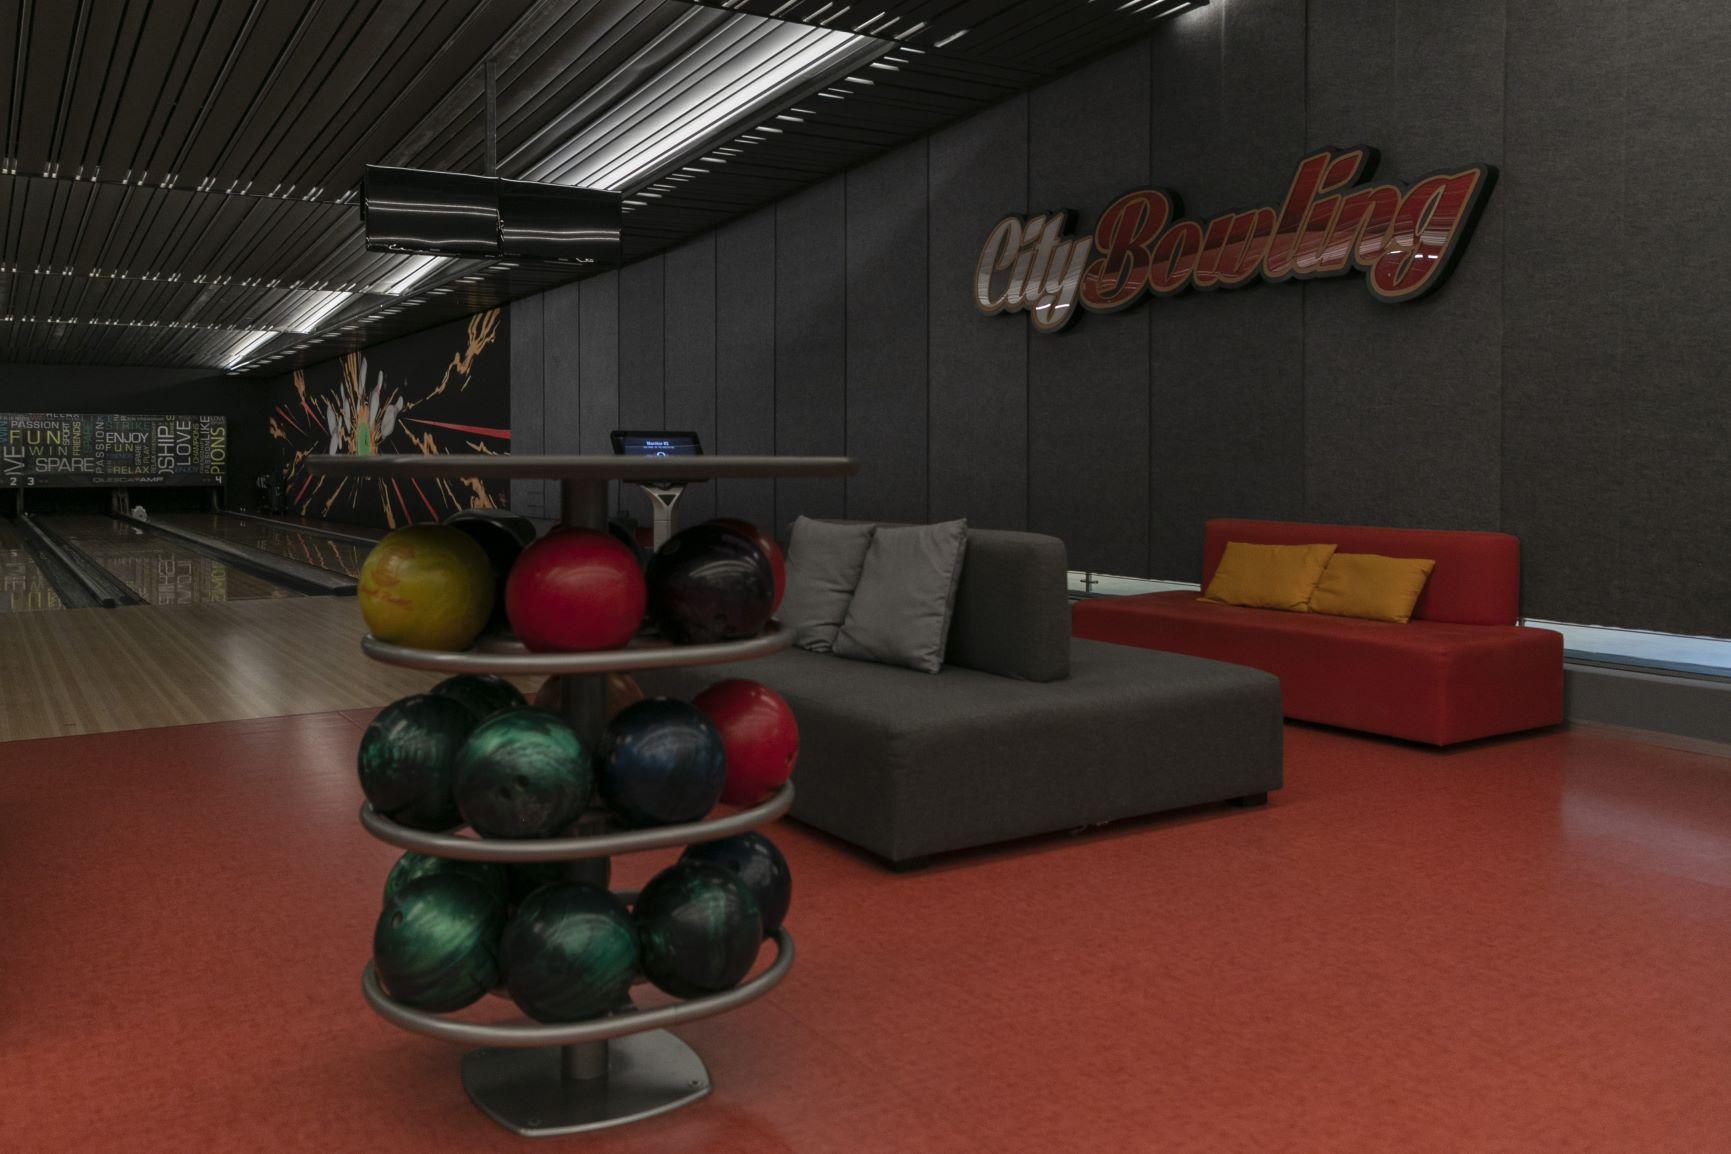 Departamento en venta en City Towers Park Grand, Colonia Xoco, Benito Juárez, CDMX. Bowling boliche